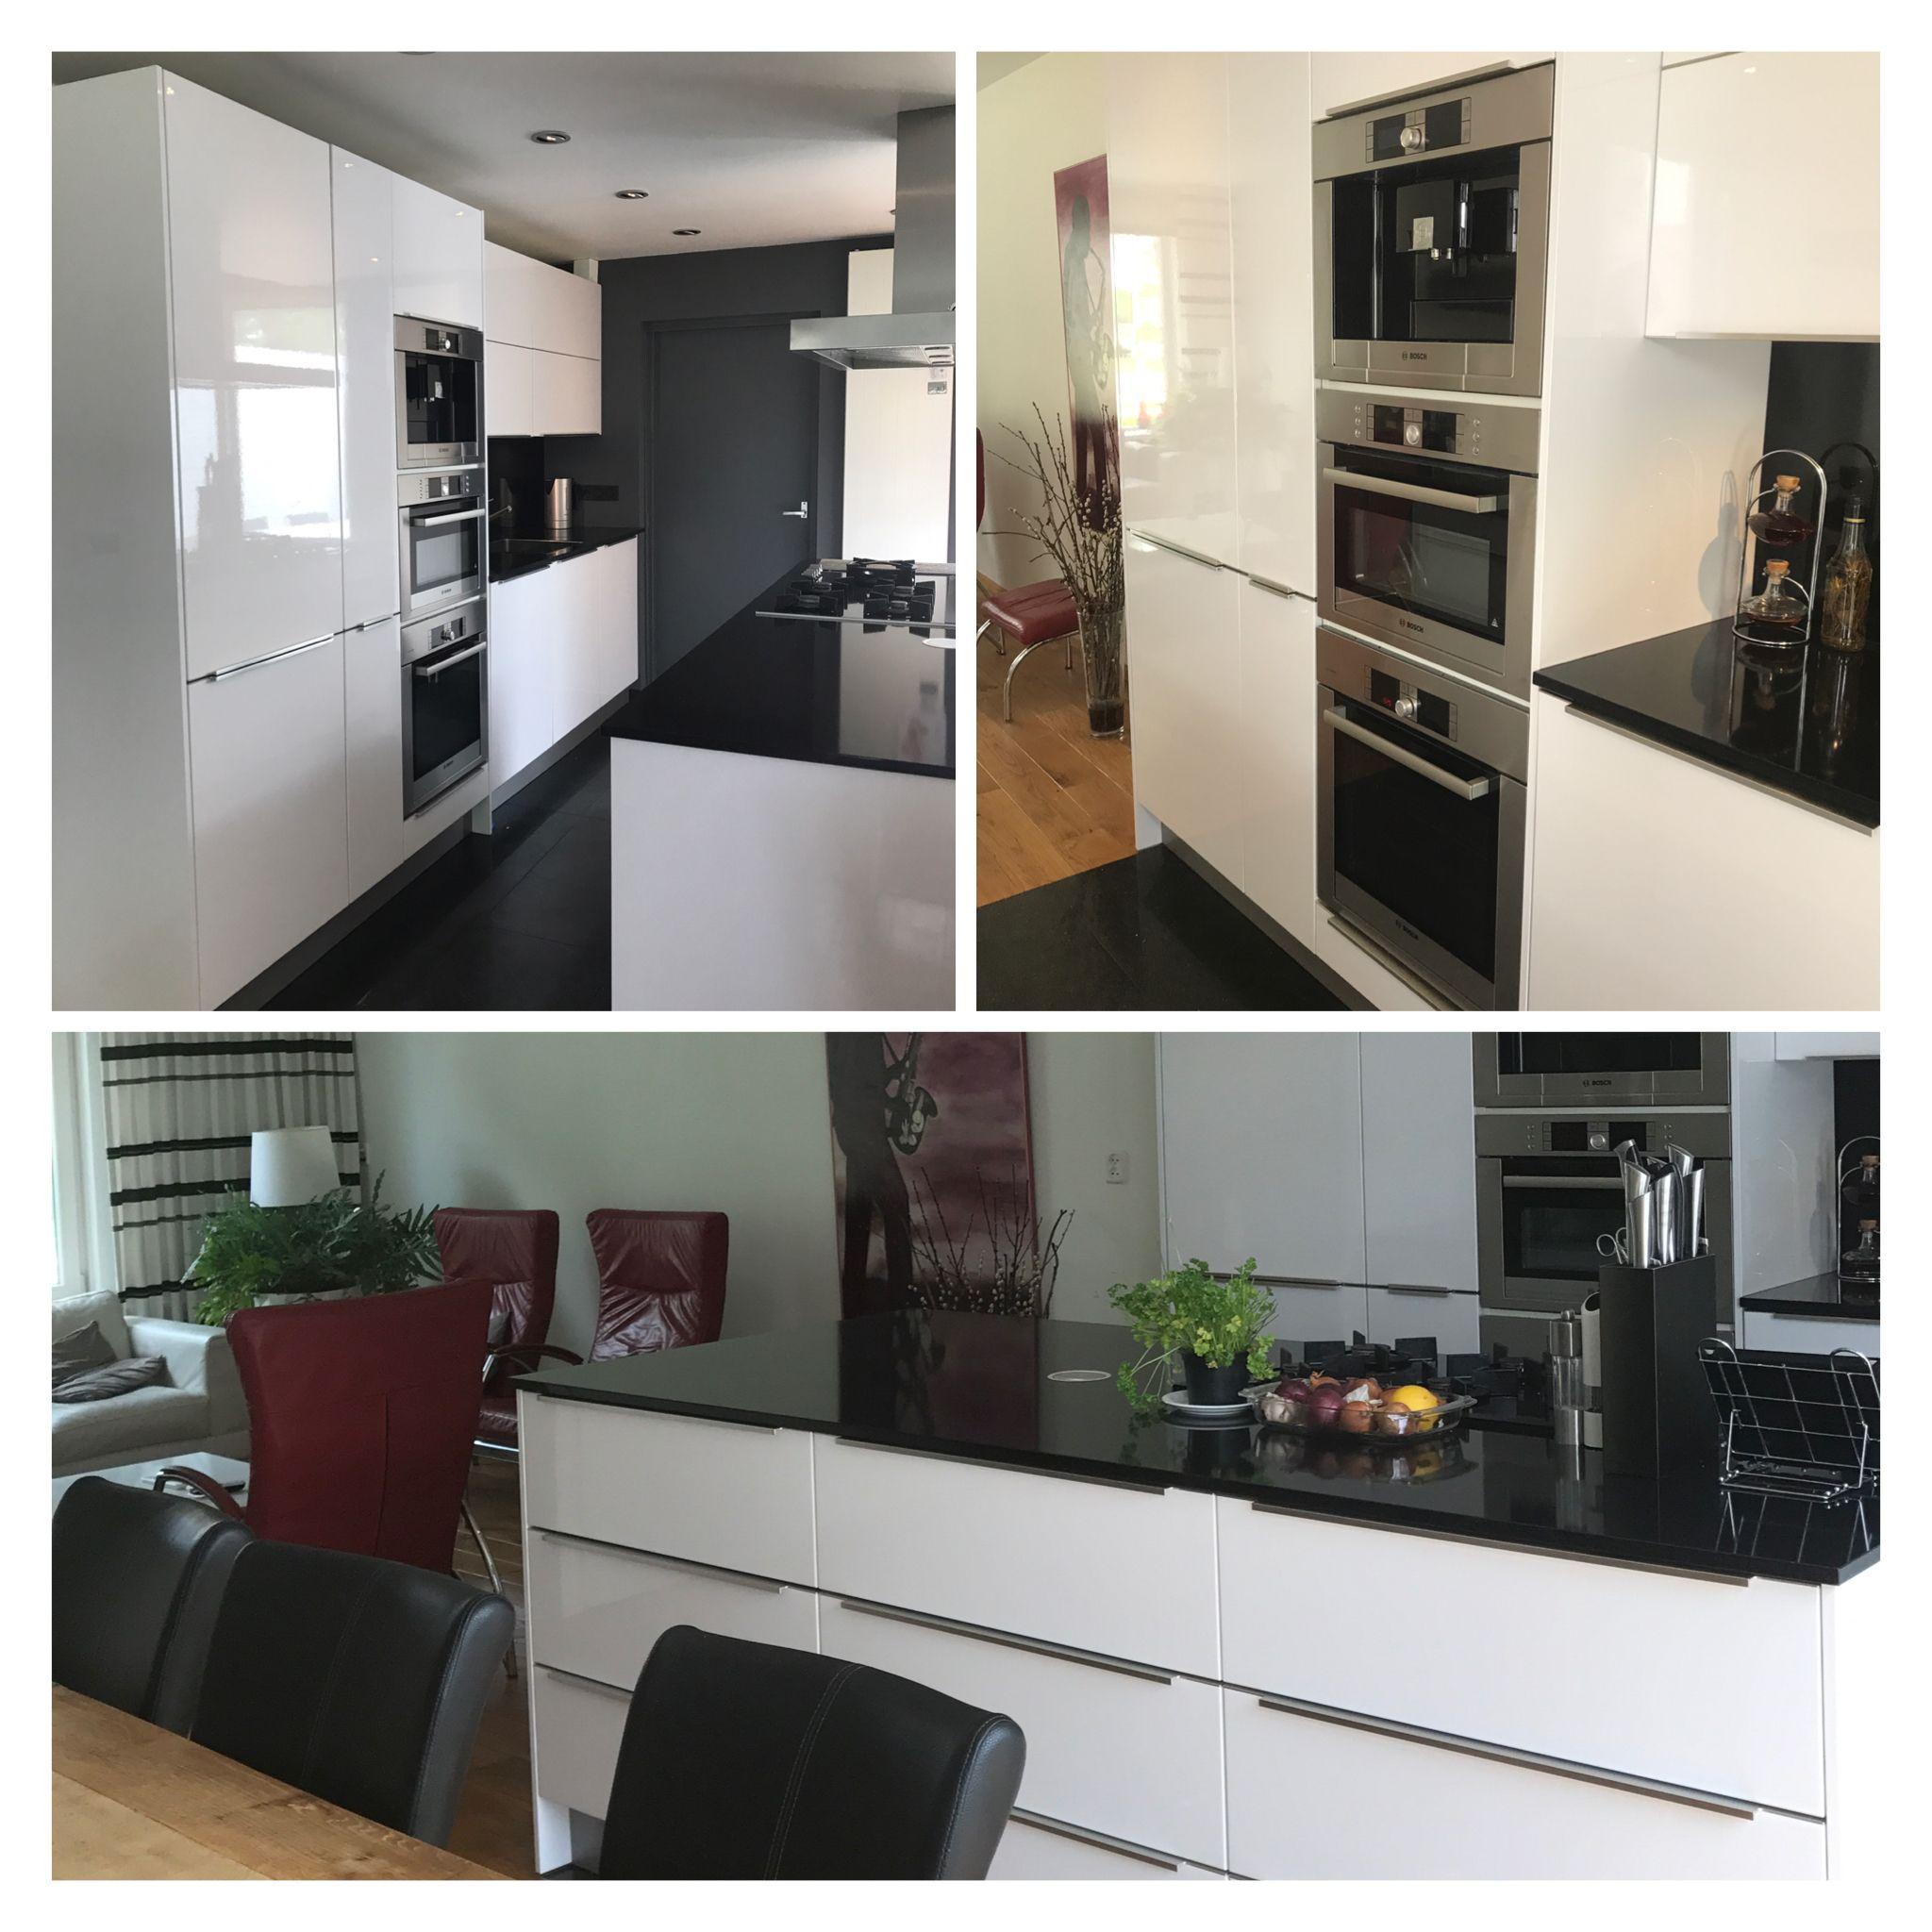 Loftgevoel in een rijtjeshuis Witte keuken met 3 apparaten boven ...